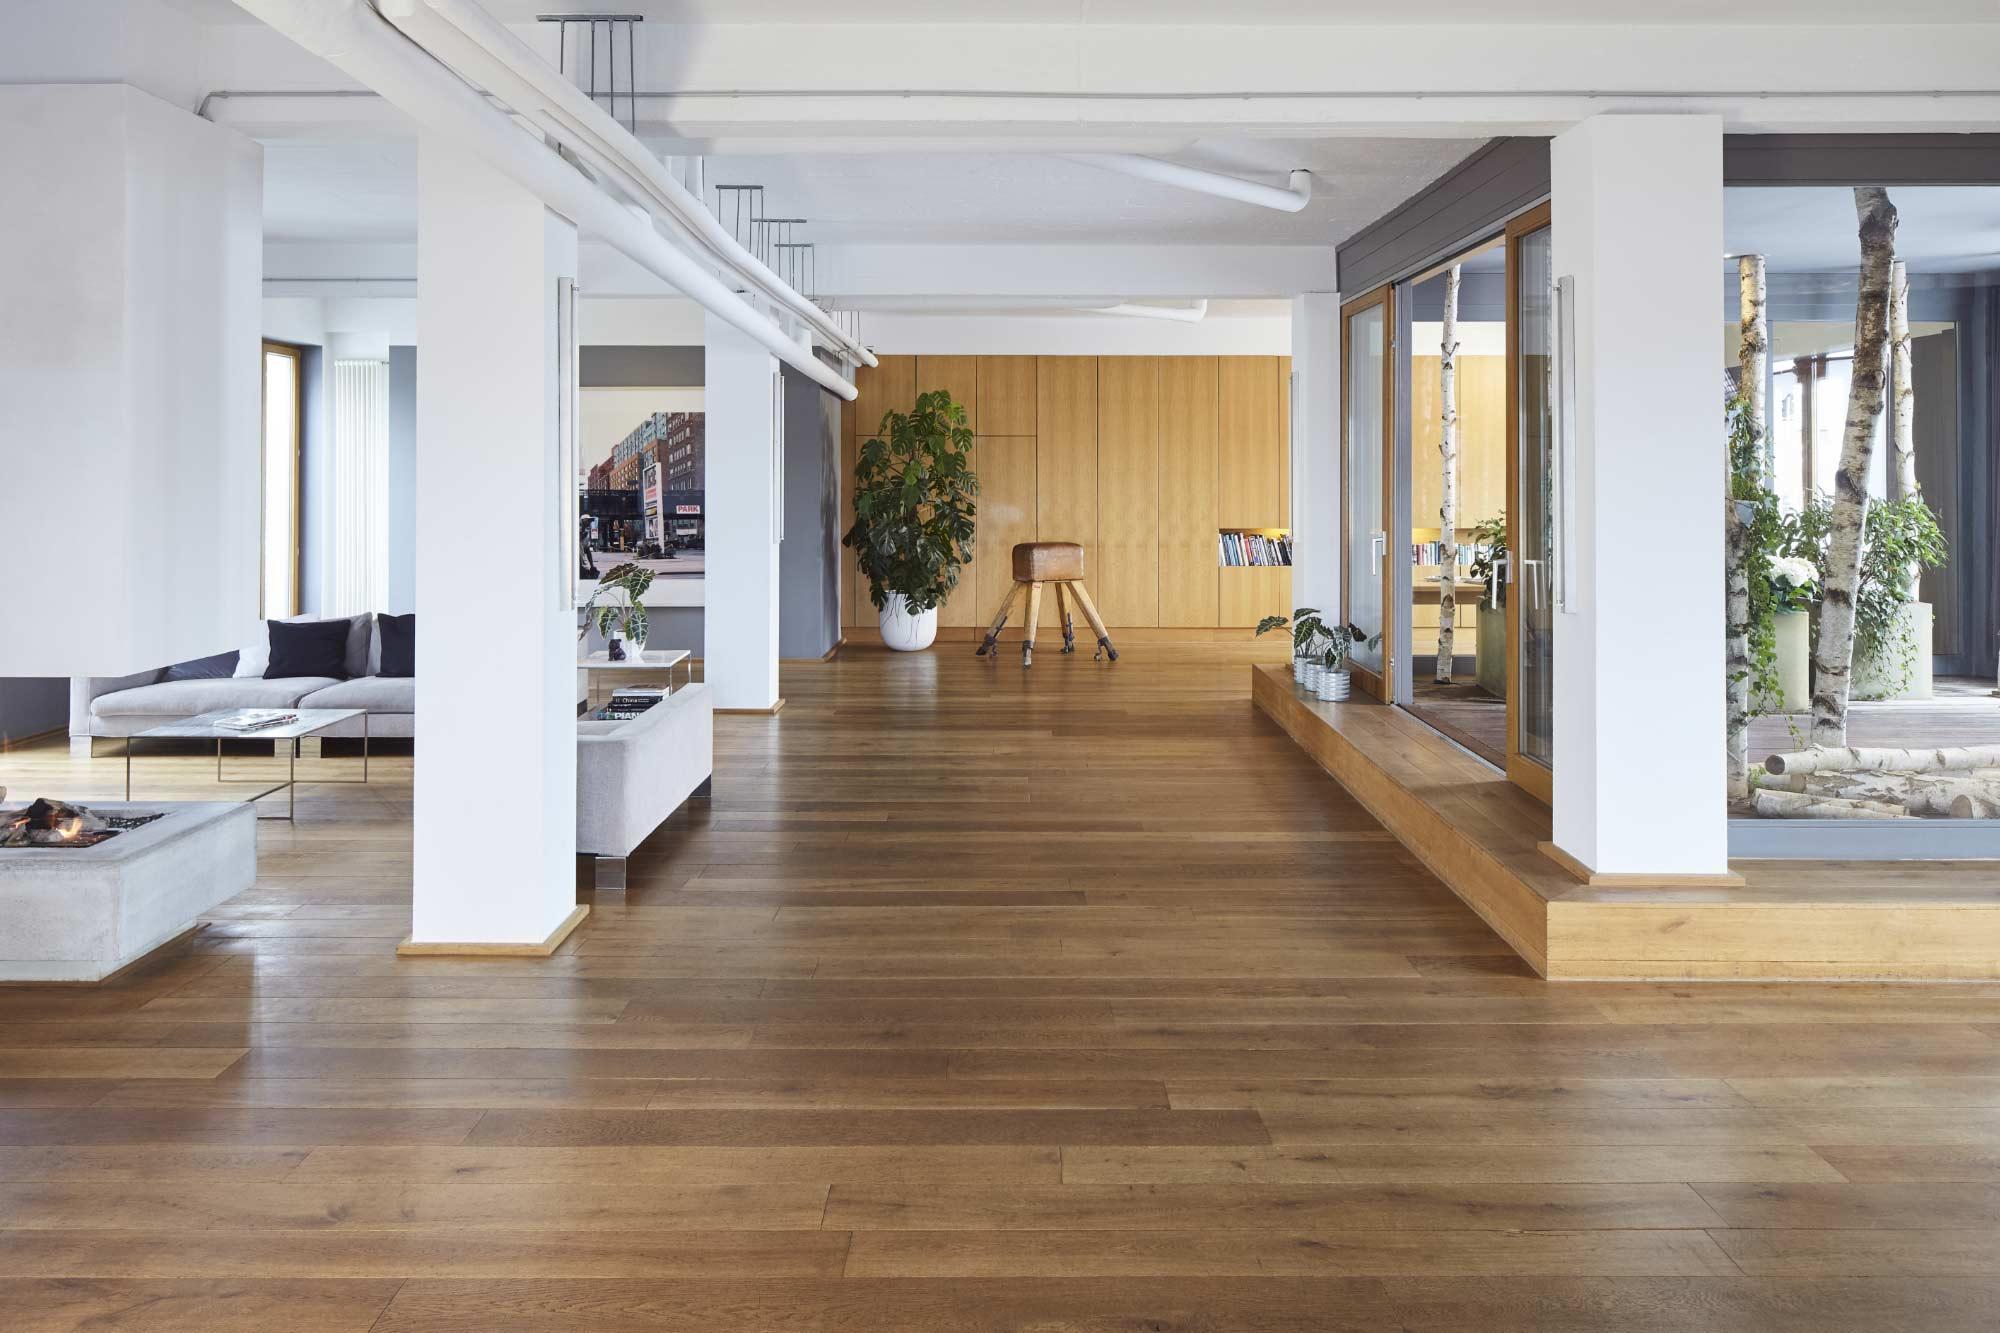 Architekturfoto des Lofts im New Yorker Hotel in Köln, Innenaufnahme